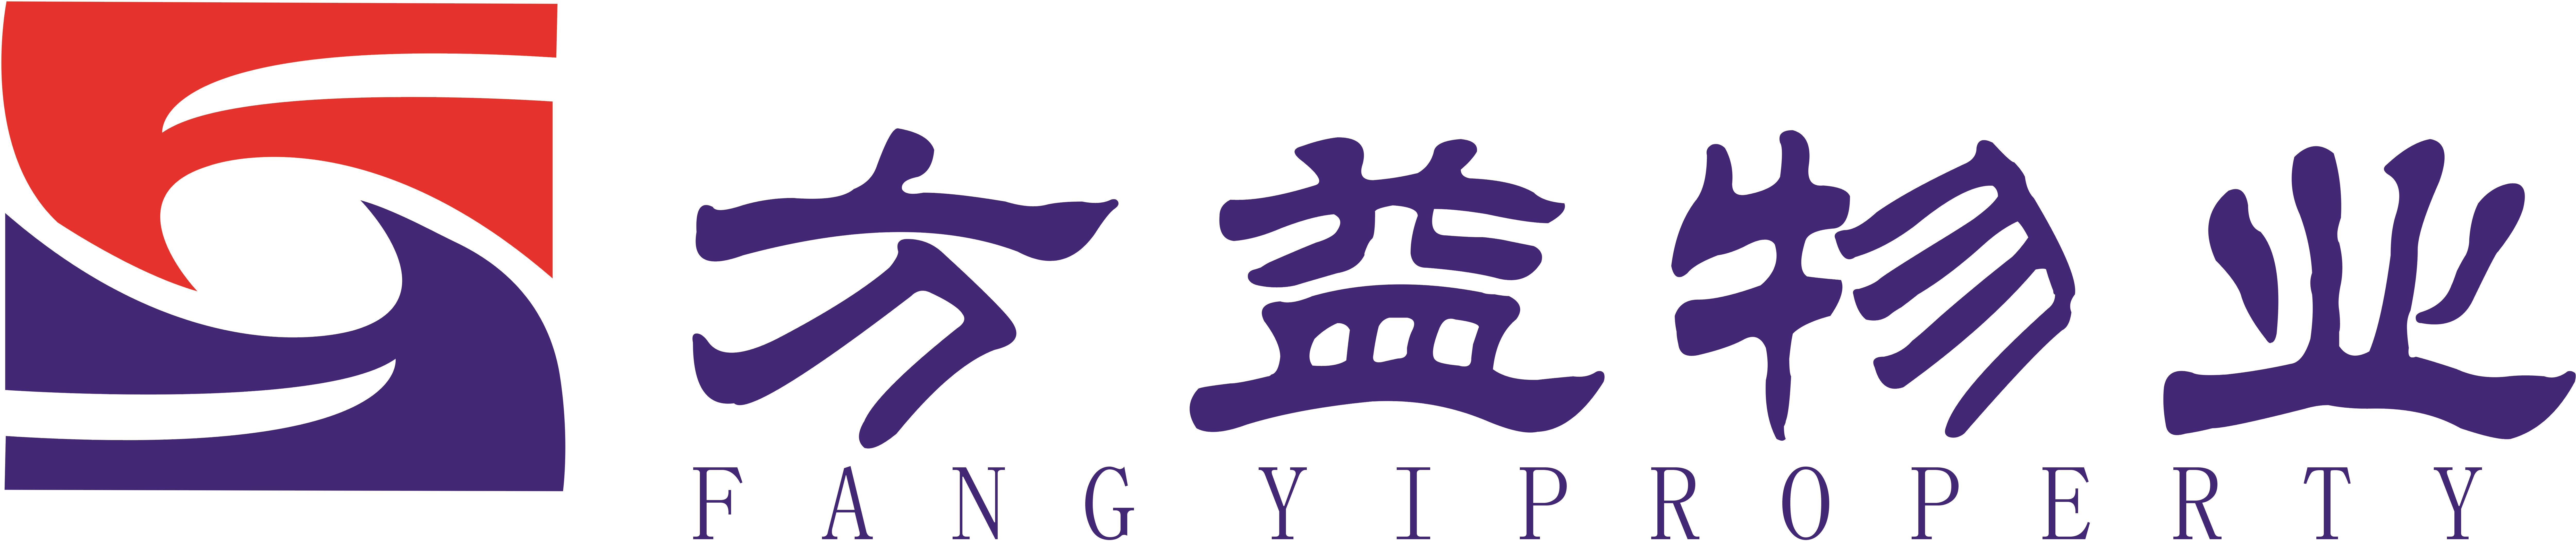 乌鲁木齐市方益物业服务有限公司